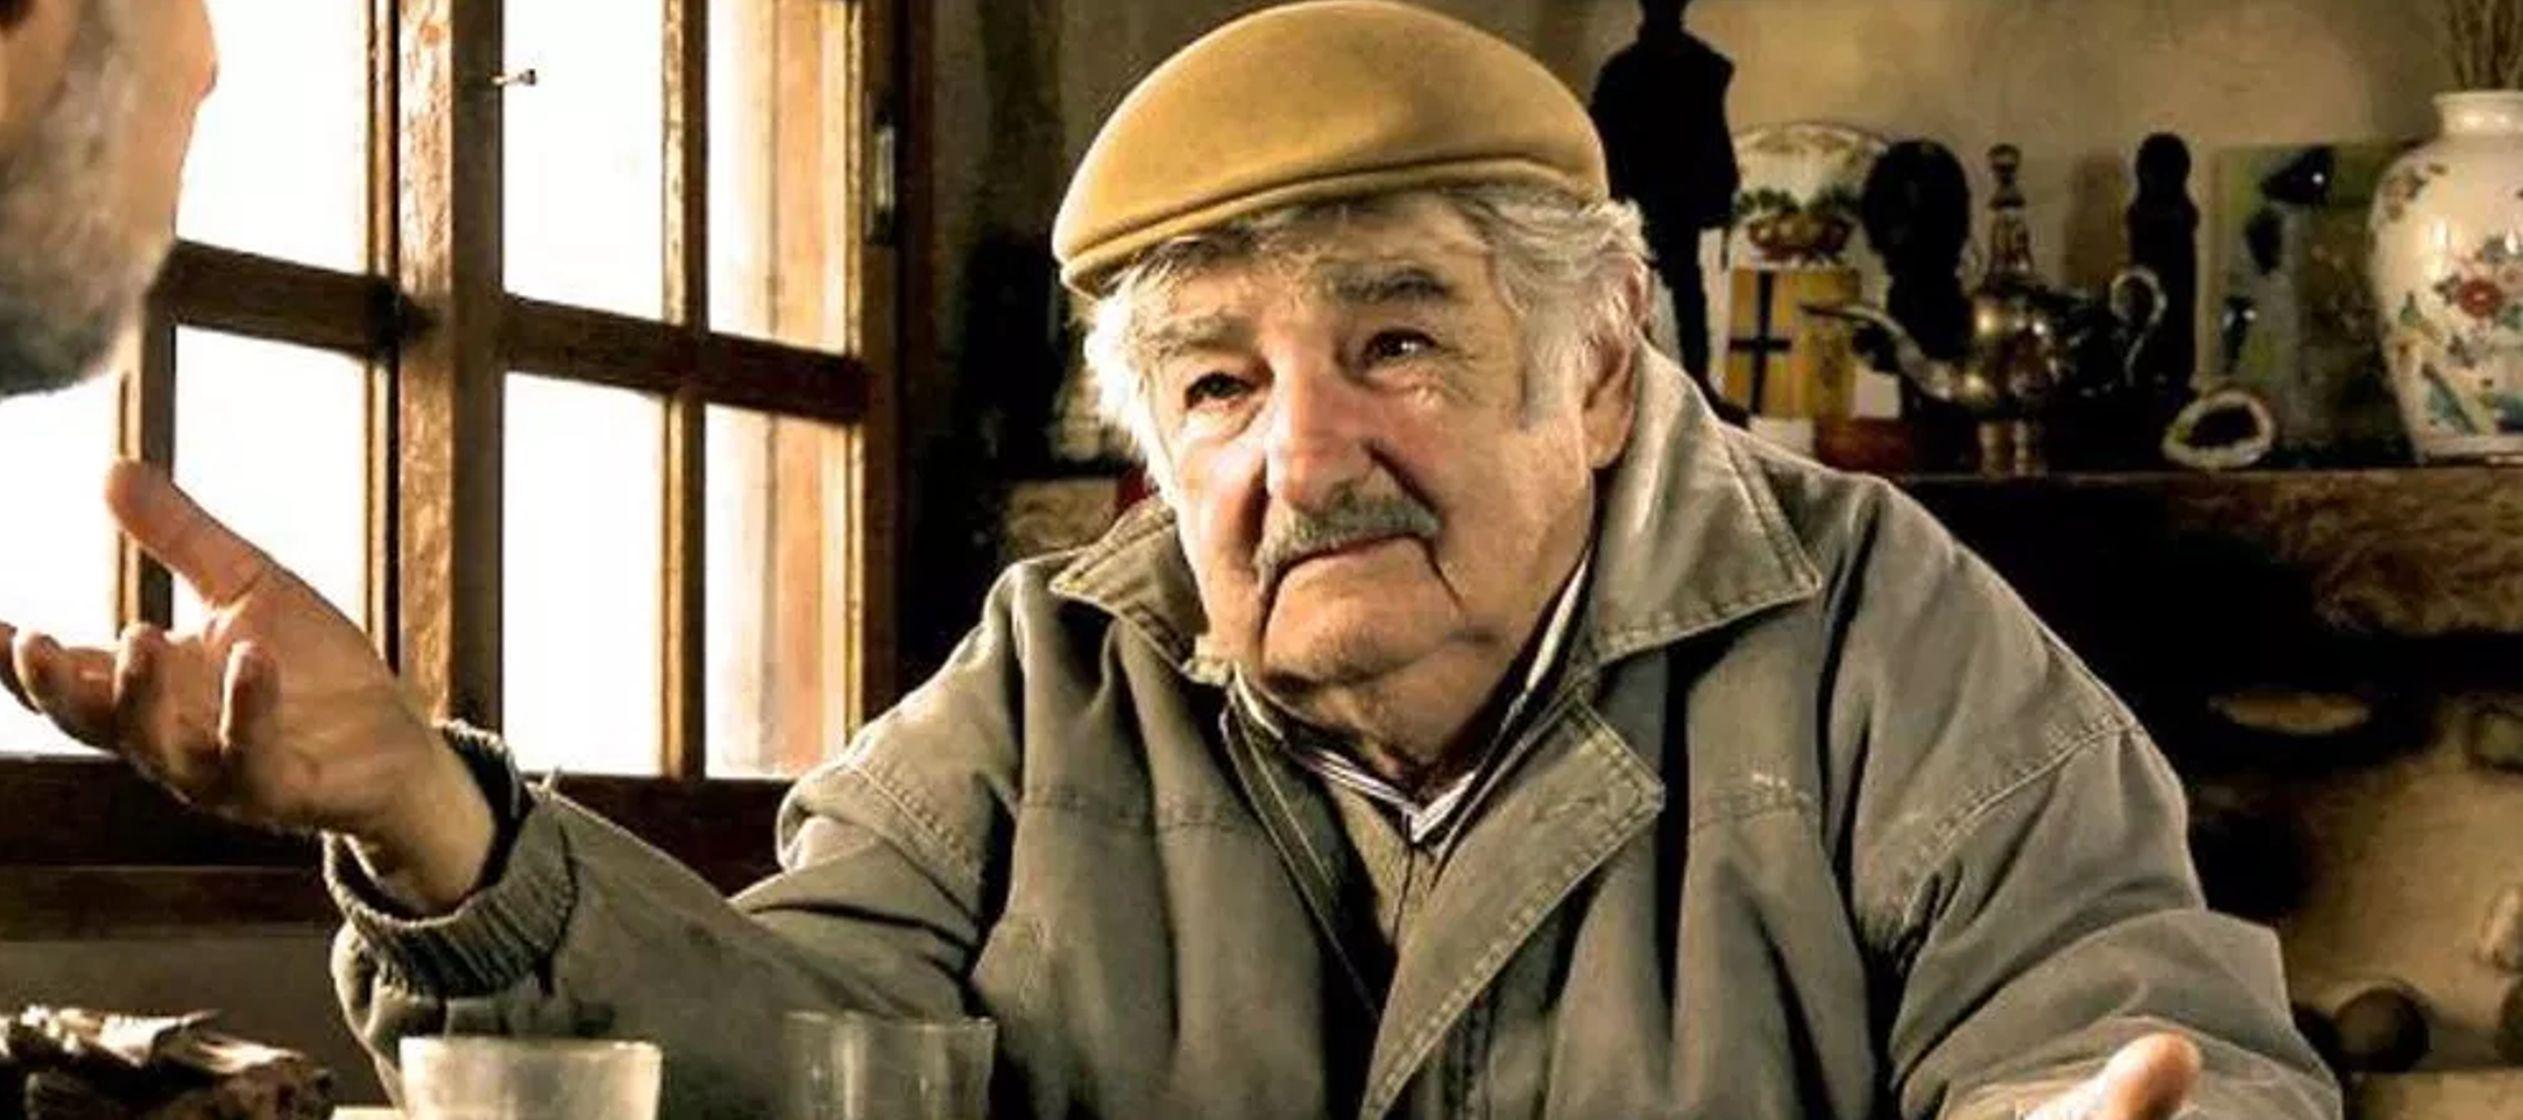 La revolución solo surge cuando hay nuevos parámetros culturales: Mujica